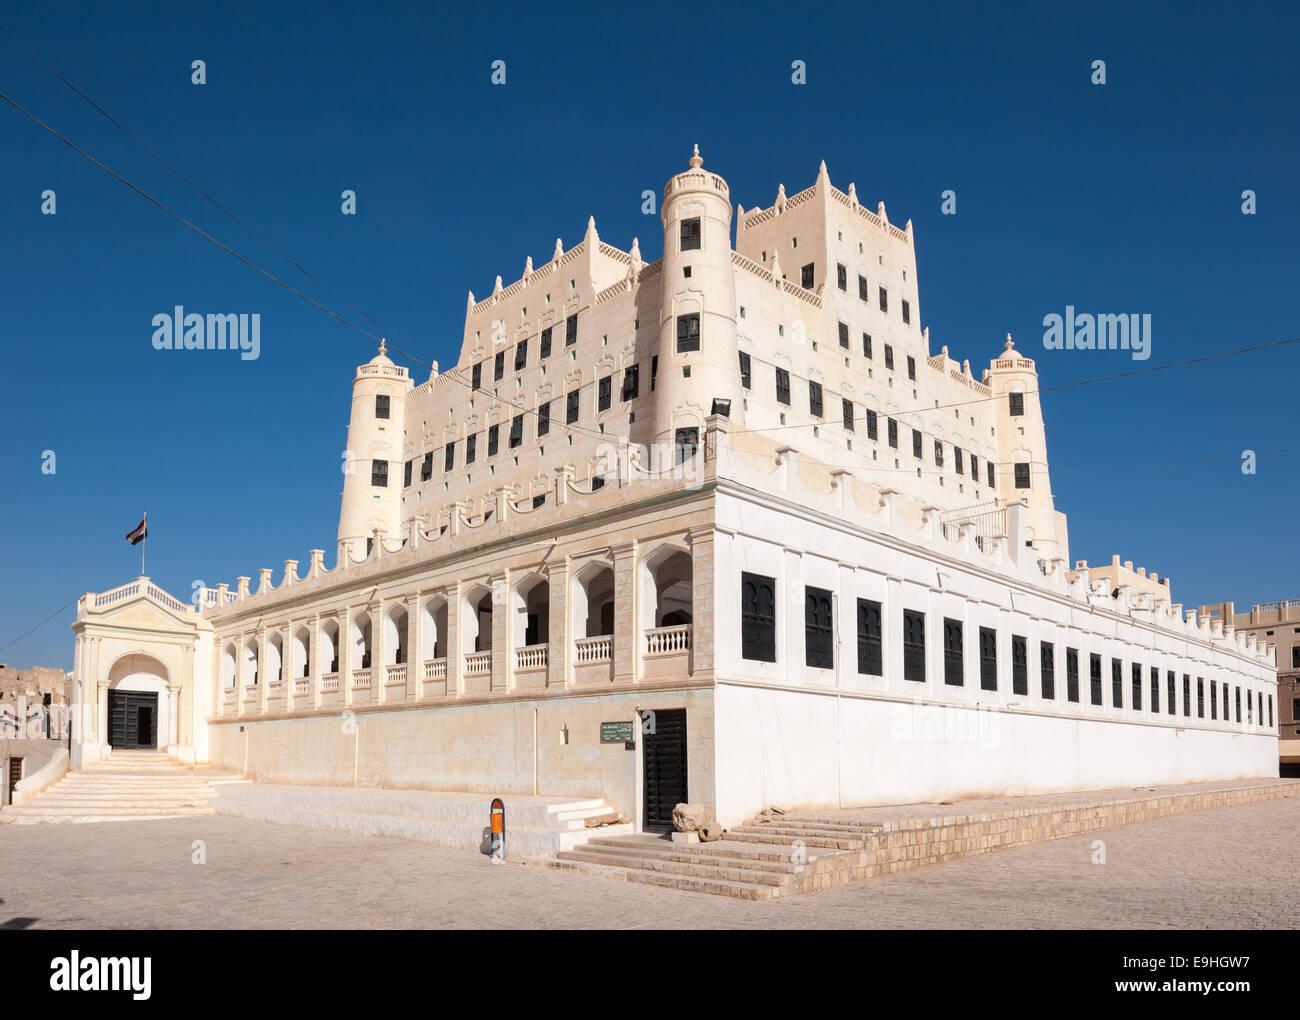 Sultan Al Kathiri palace in Seiyun, Yemen - Stock Image